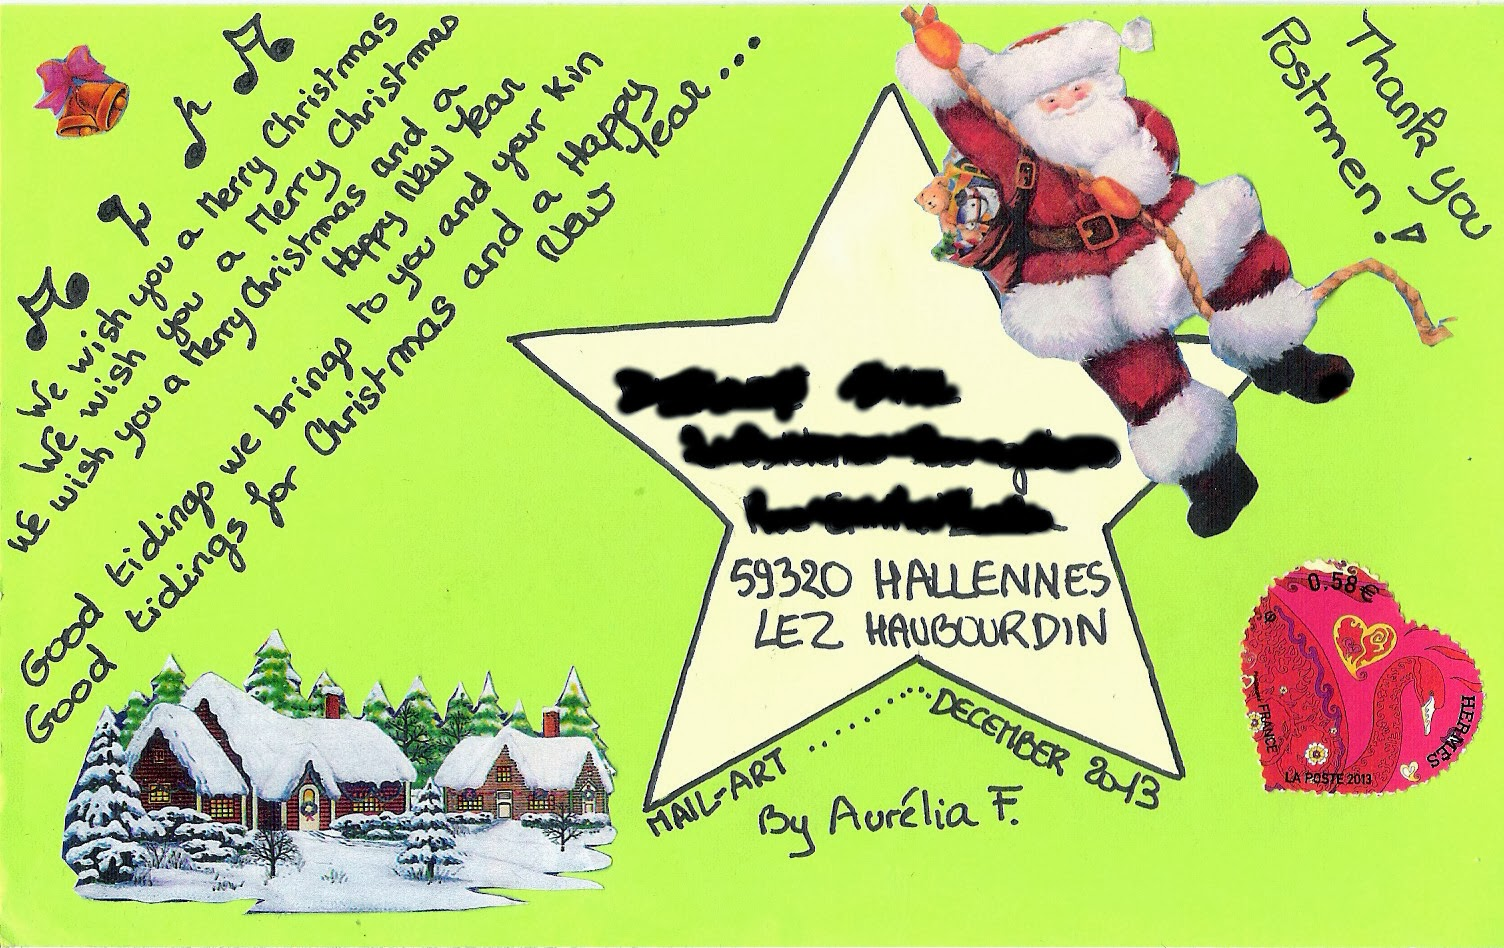 http://mynameisor.blogspot.fr/2013/12/defi-de-decembre-11.html